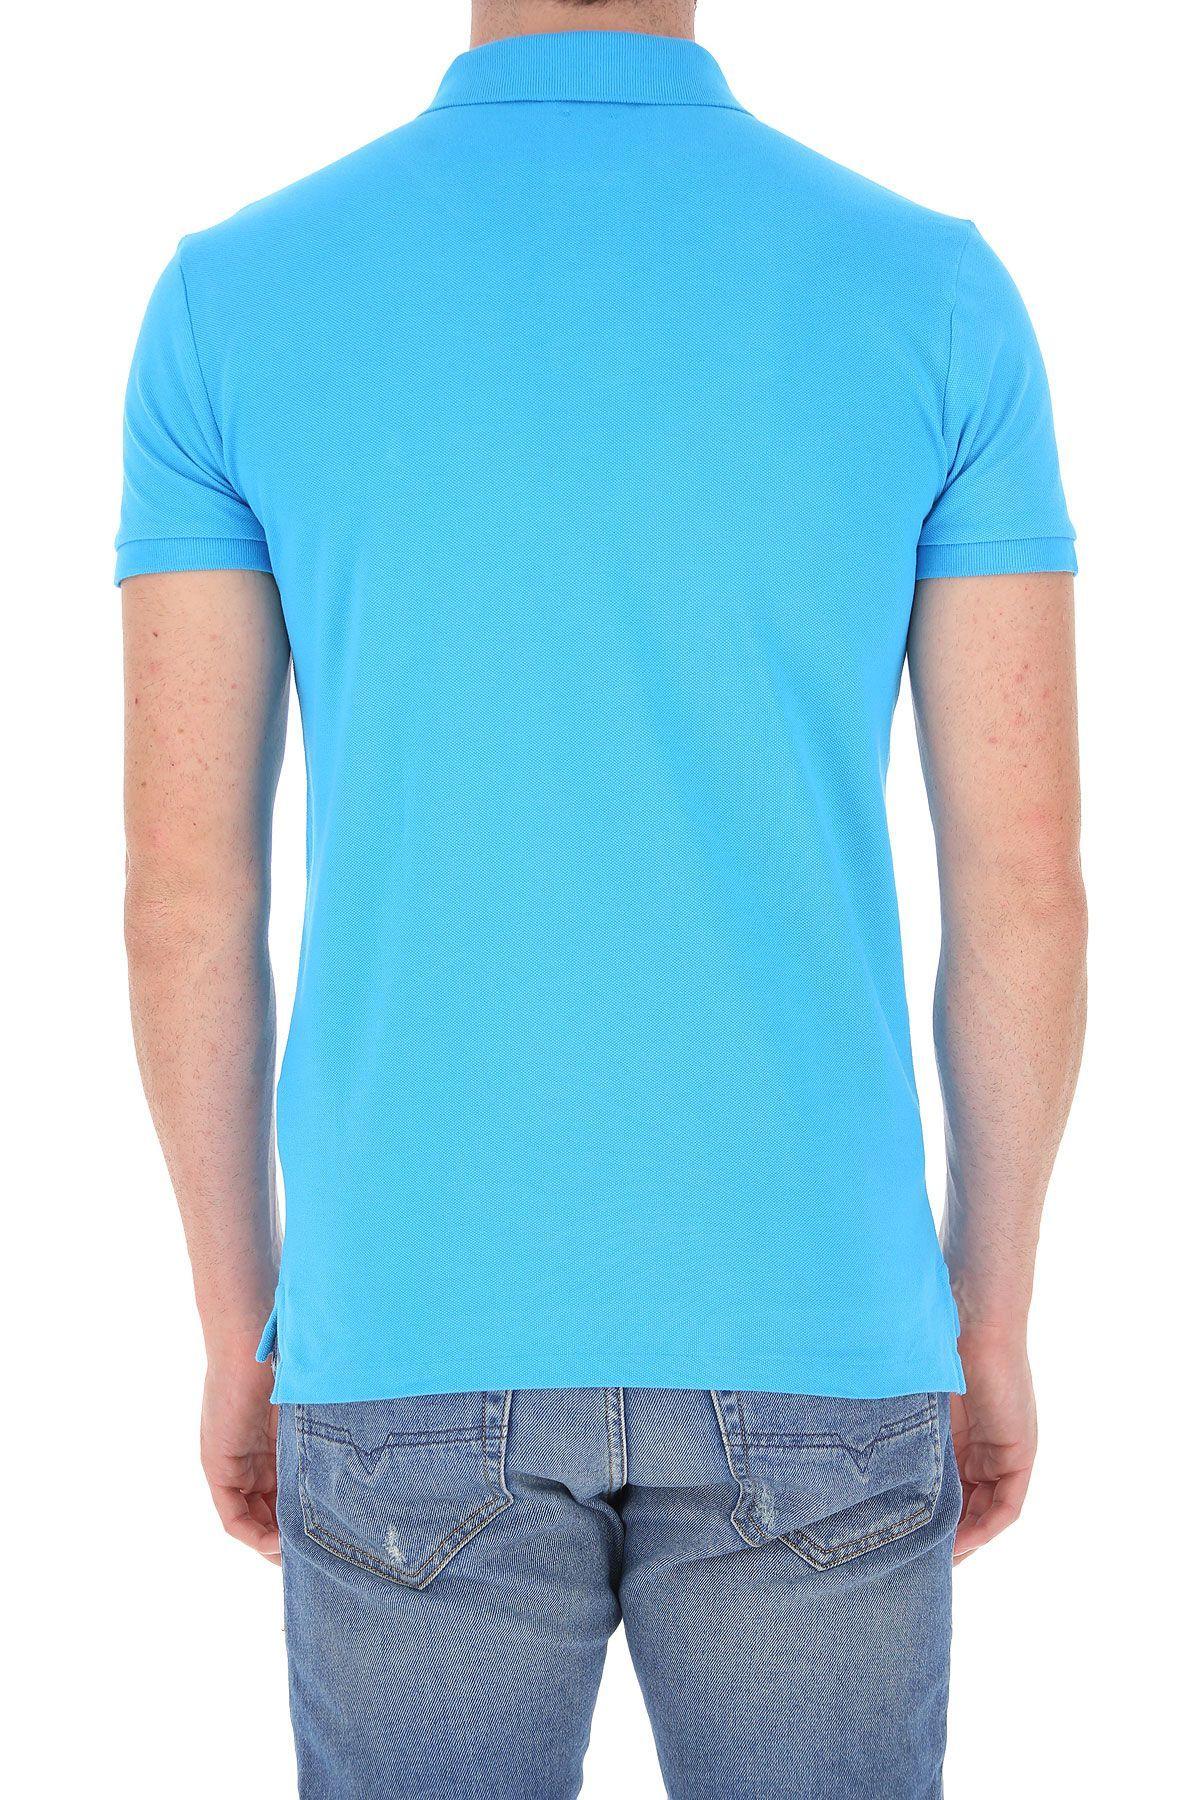 RALPH LAUREN MEN'S 710795080023 LIGHT BLUE COTTON POLO SHIRT